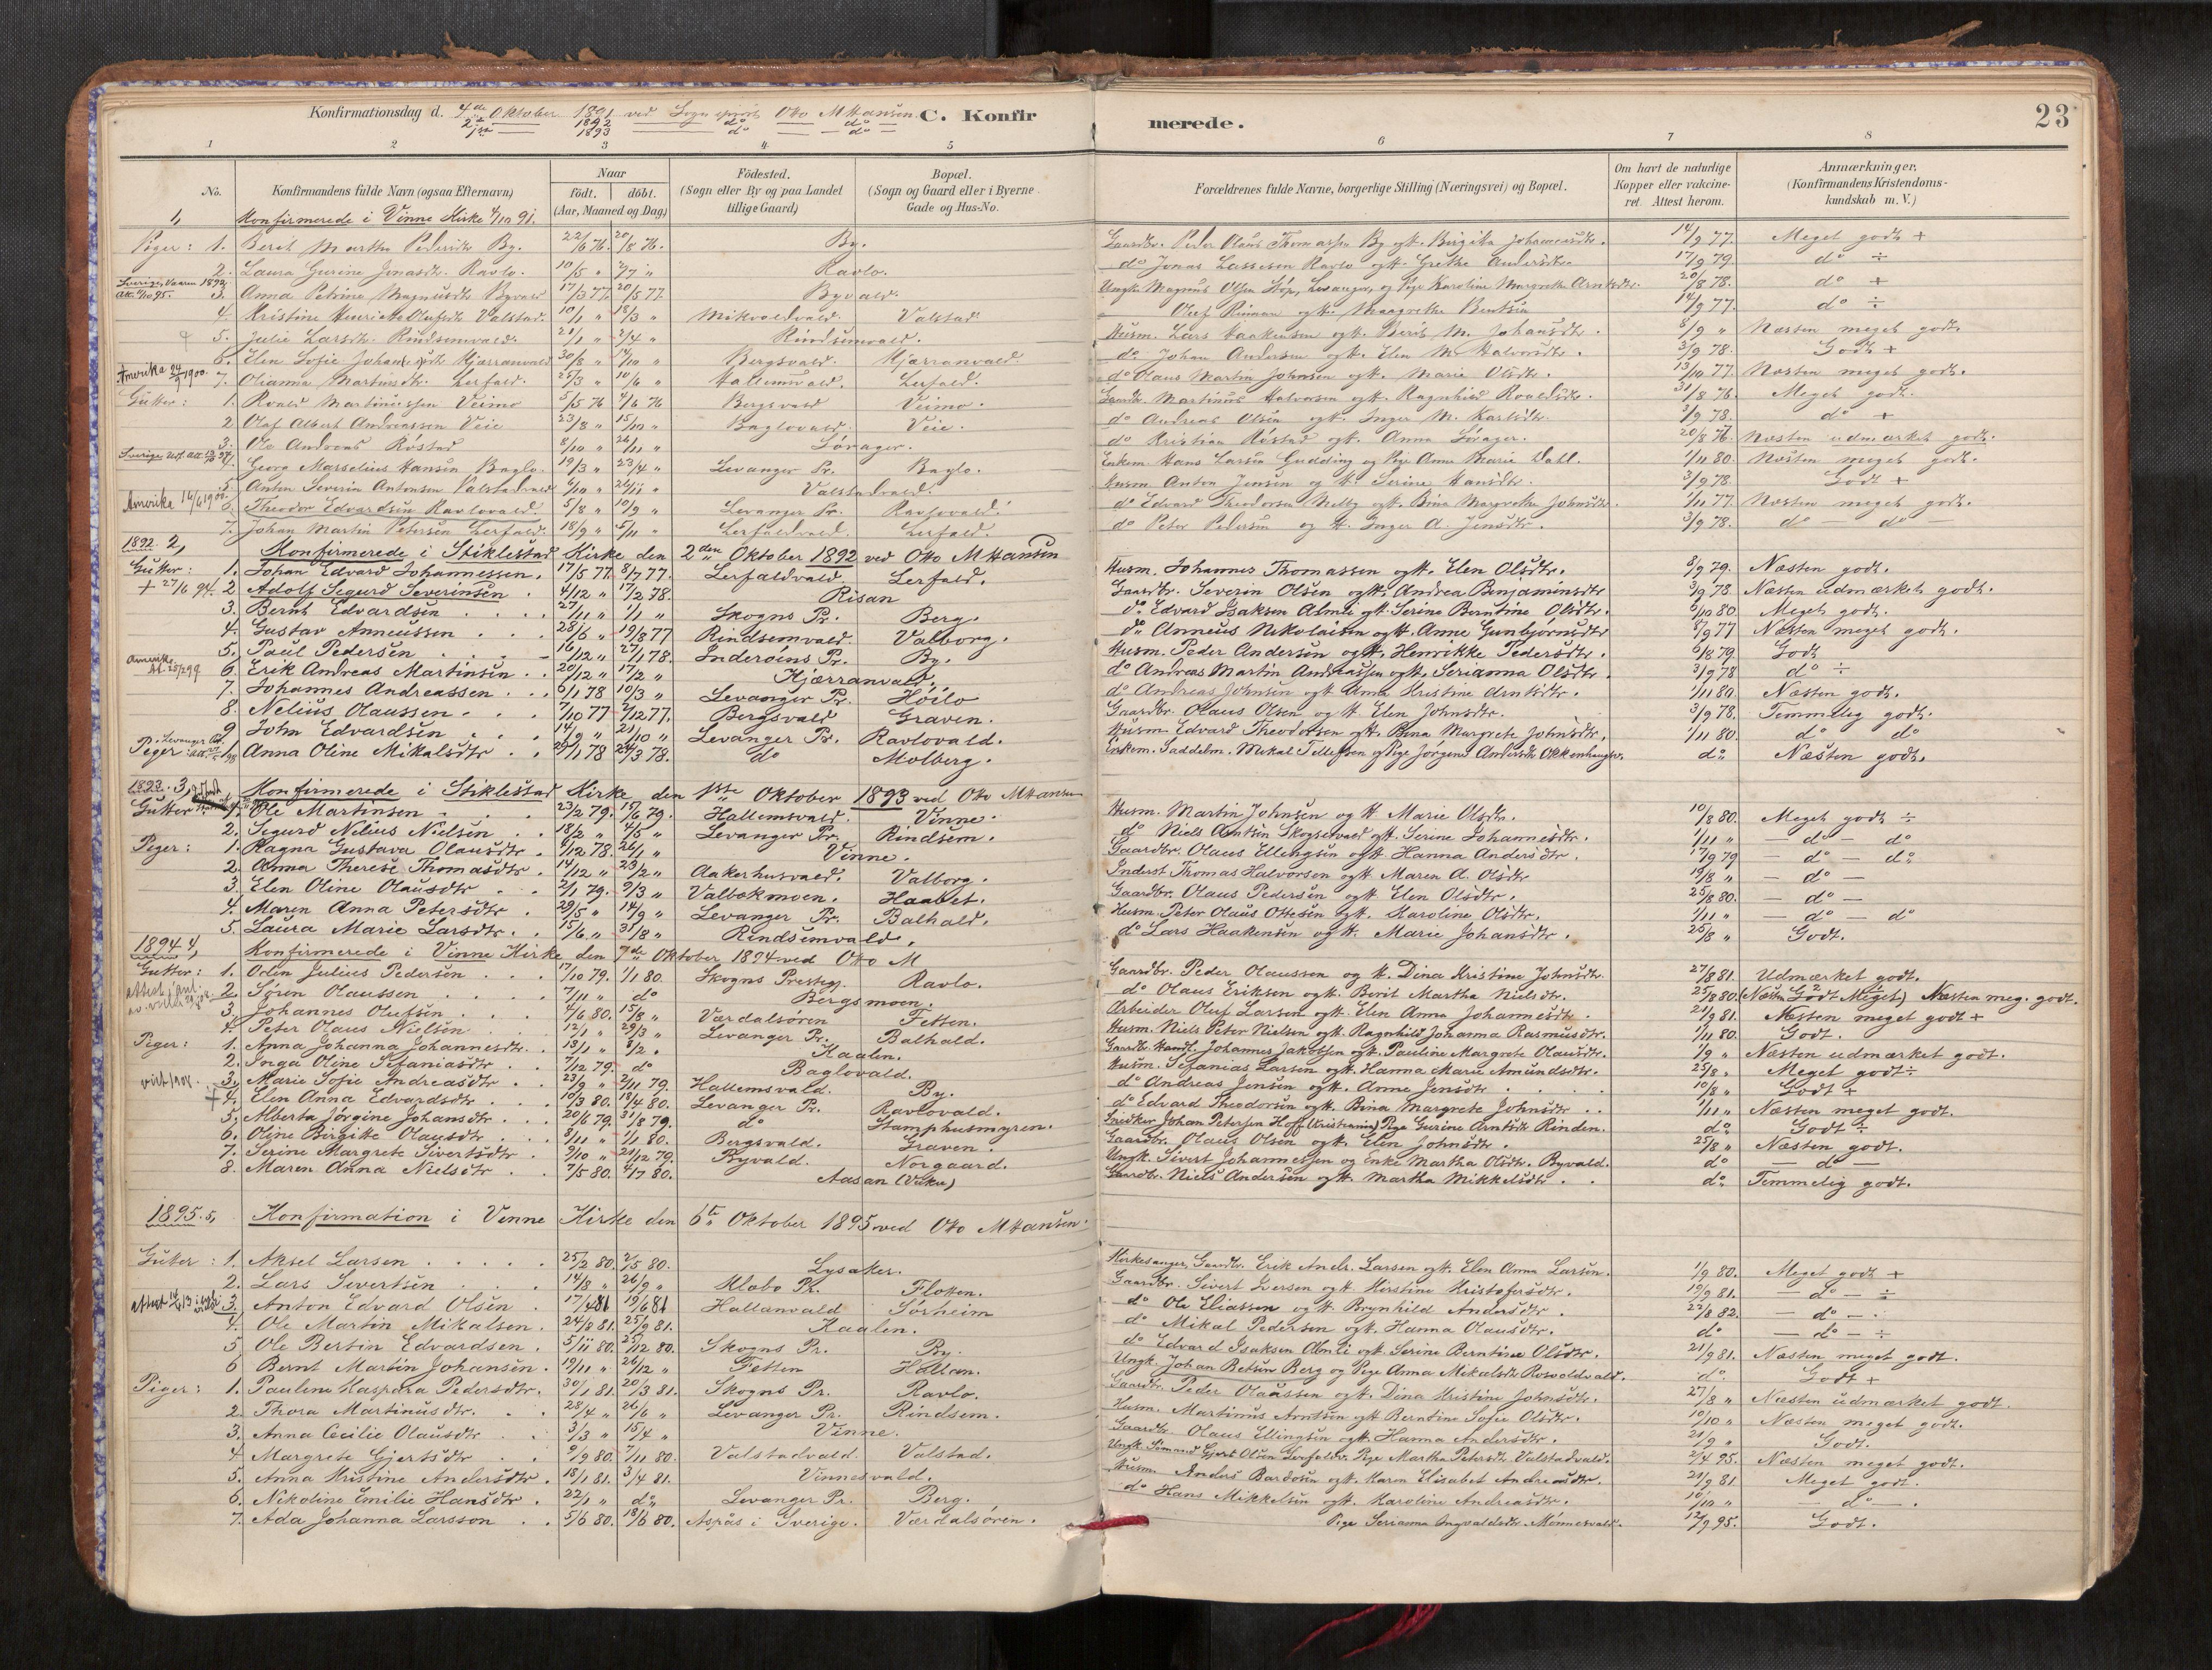 SAT, Verdal sokneprestkontor*, Parish register (official) no. 1, 1891-1907, p. 23